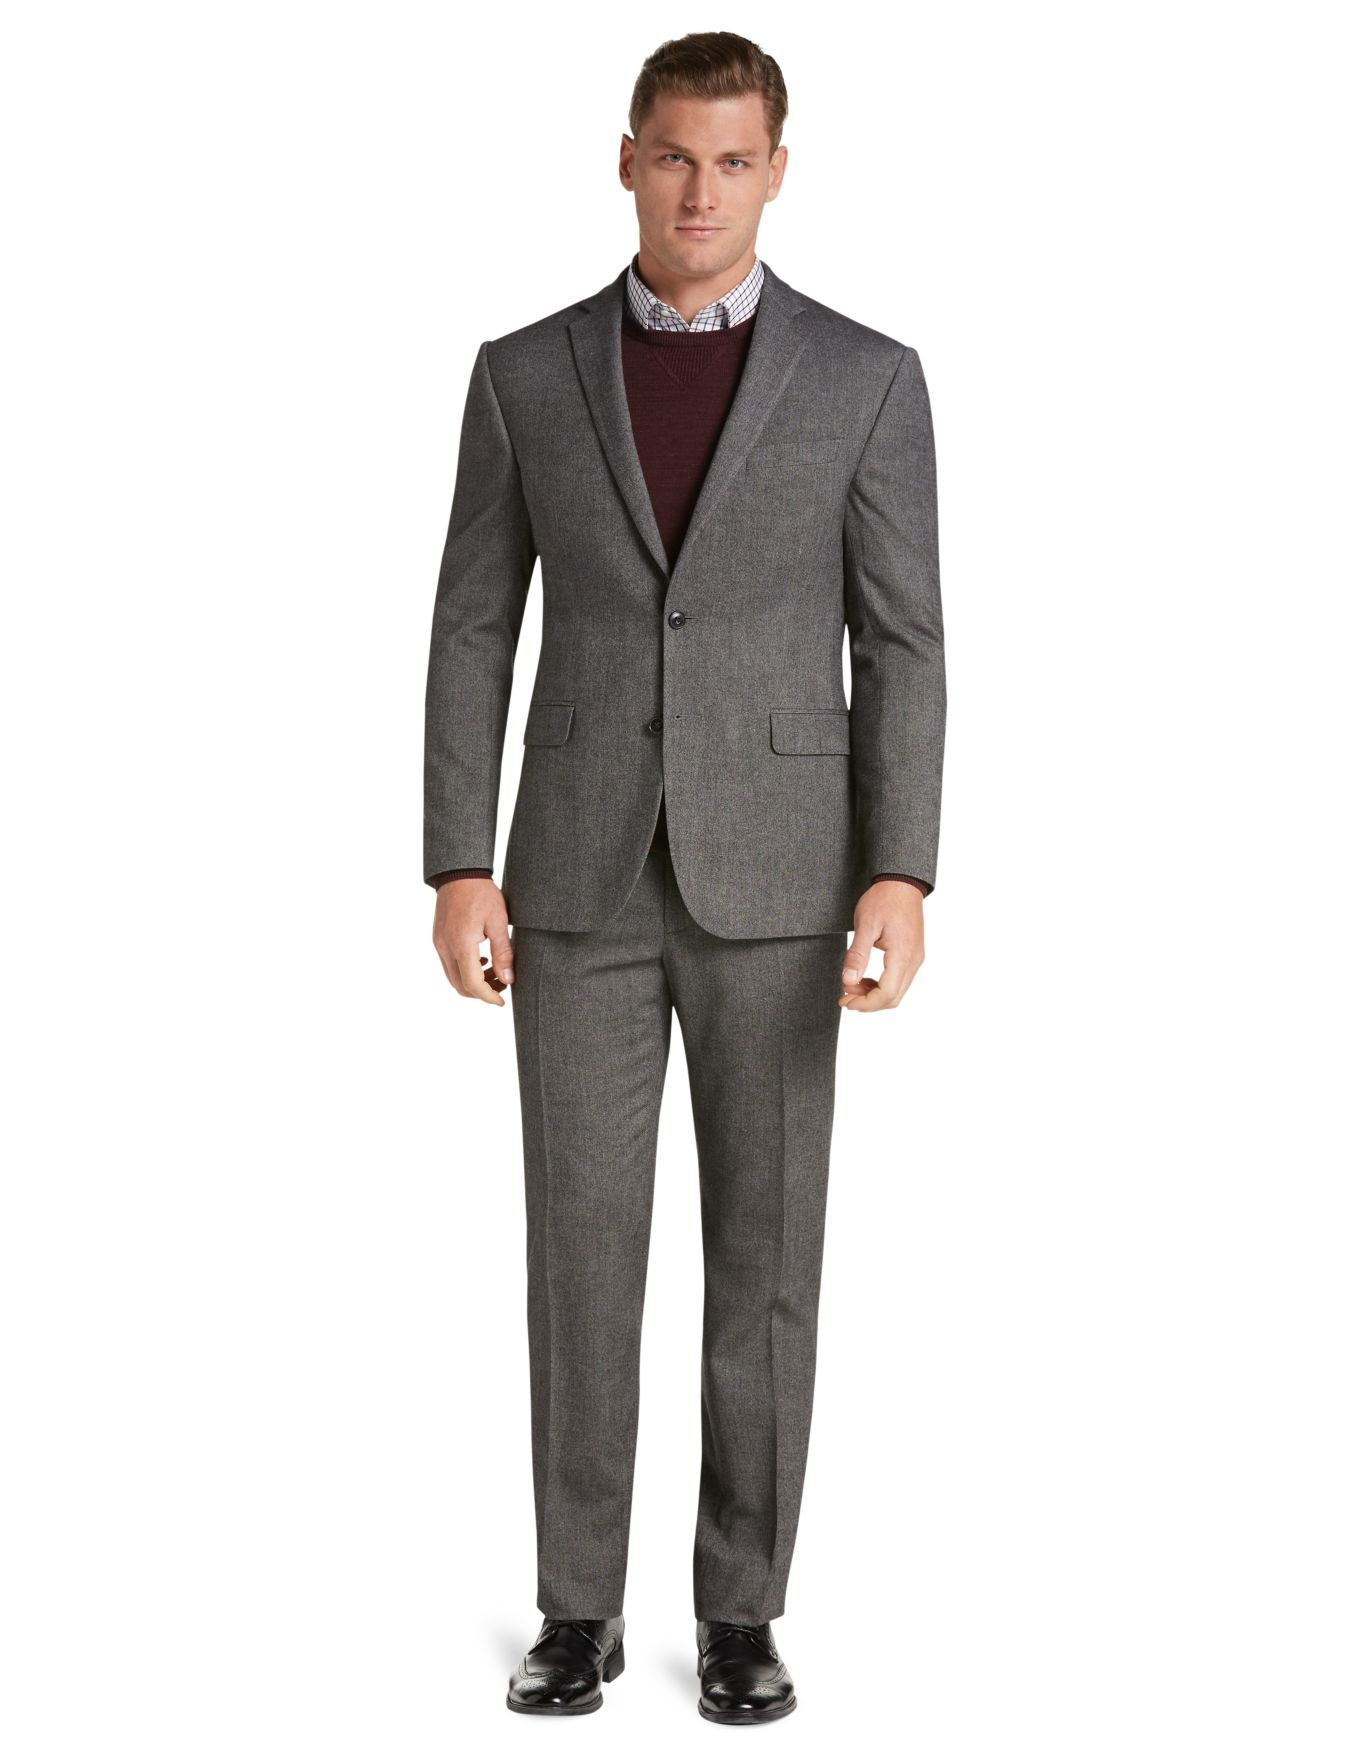 Slim Fit Suits   Shop Men's Skinny Fit Suits   JoS. A. Bank Clothiers